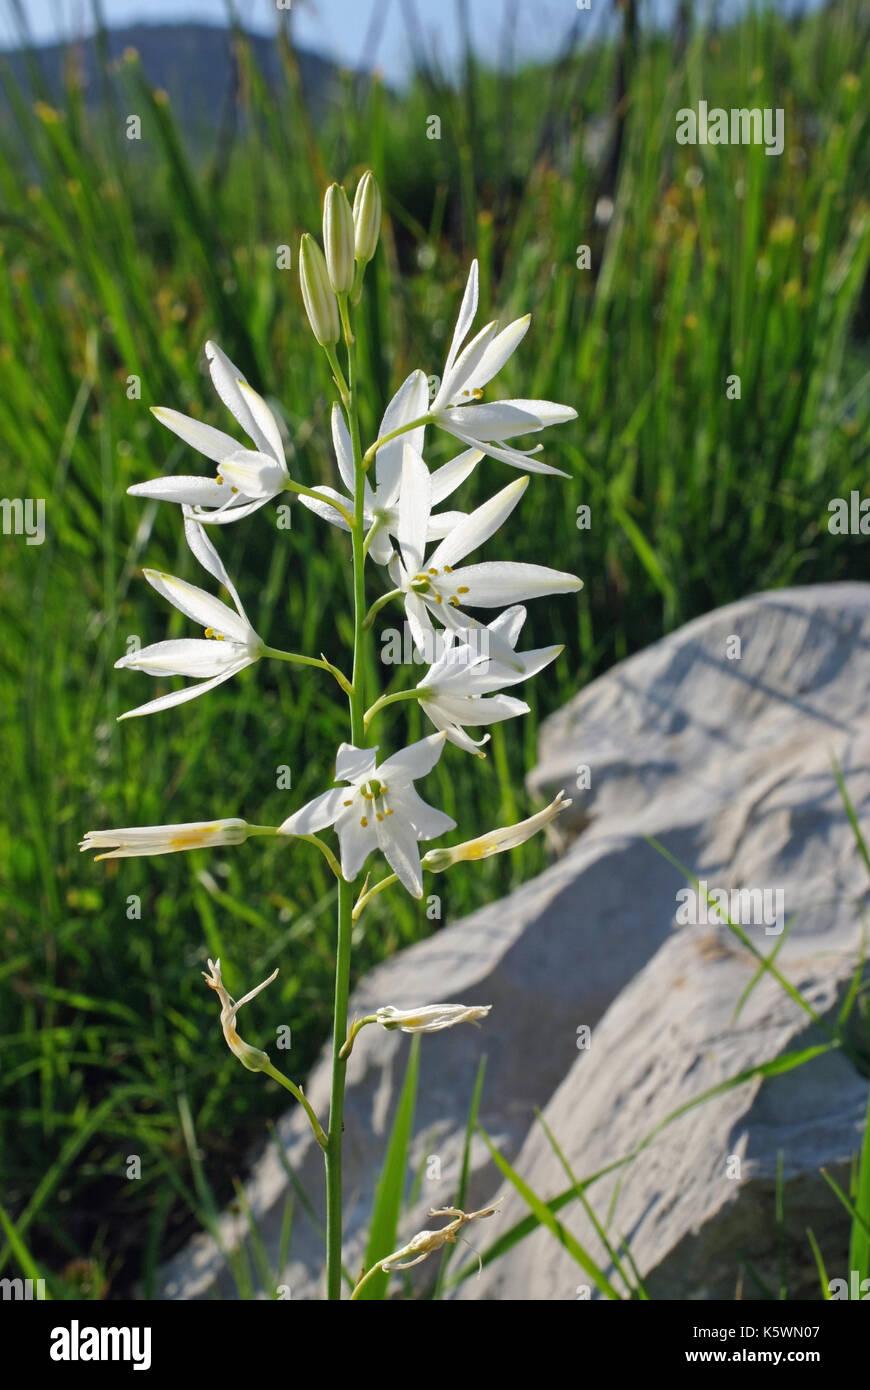 Dies ist Anthericum liliago, Lily der hl. Bernhard, von der Familie Asparagaceae, beheimatet in Südeuropa Stockbild